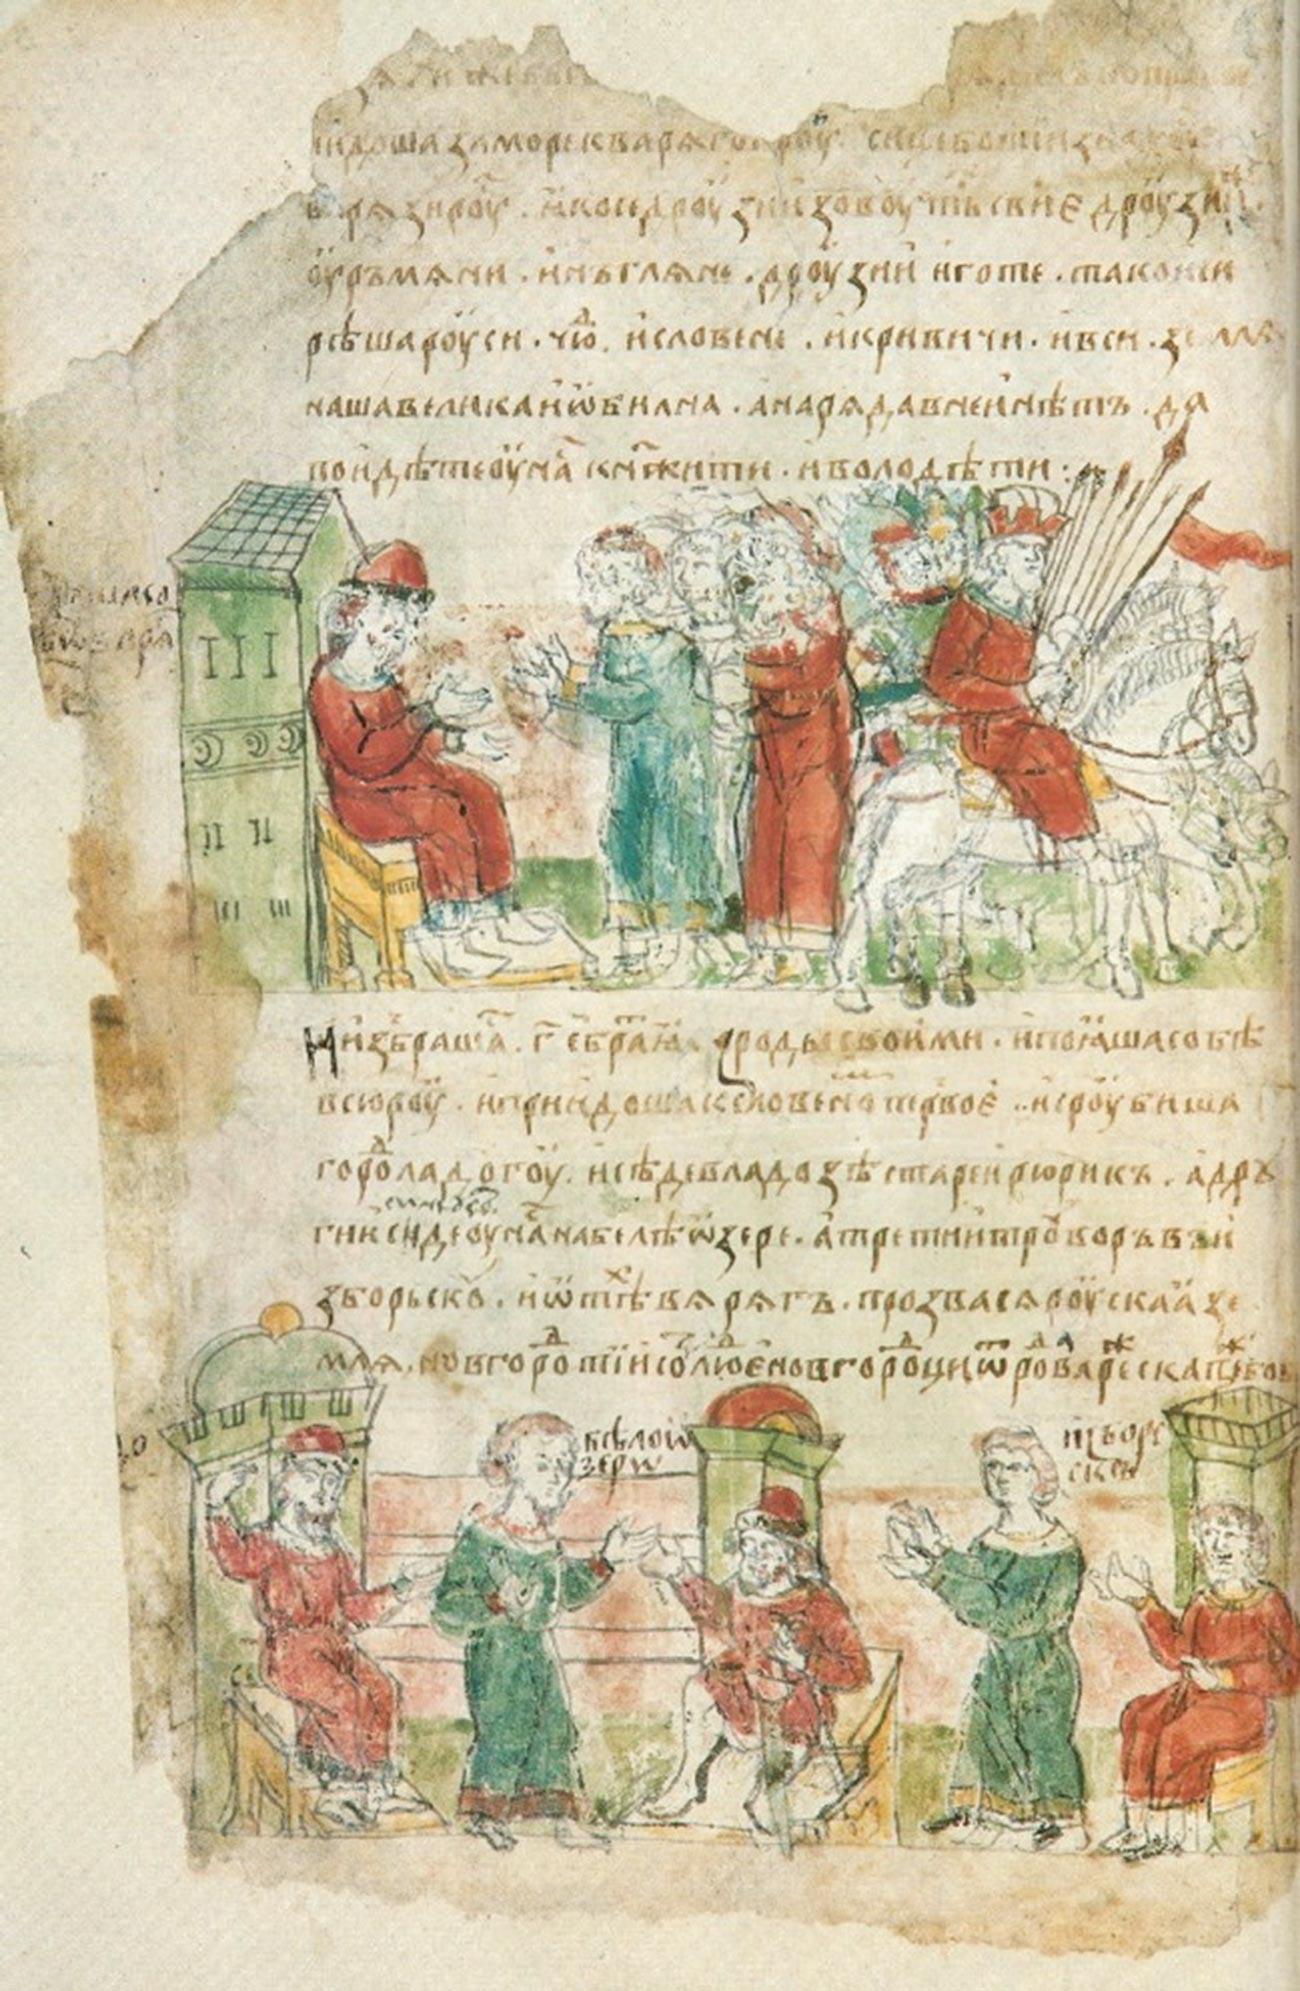 Povabilo Varjagov, miniatura iz Radziwillskega letopisa (15. stoletje)